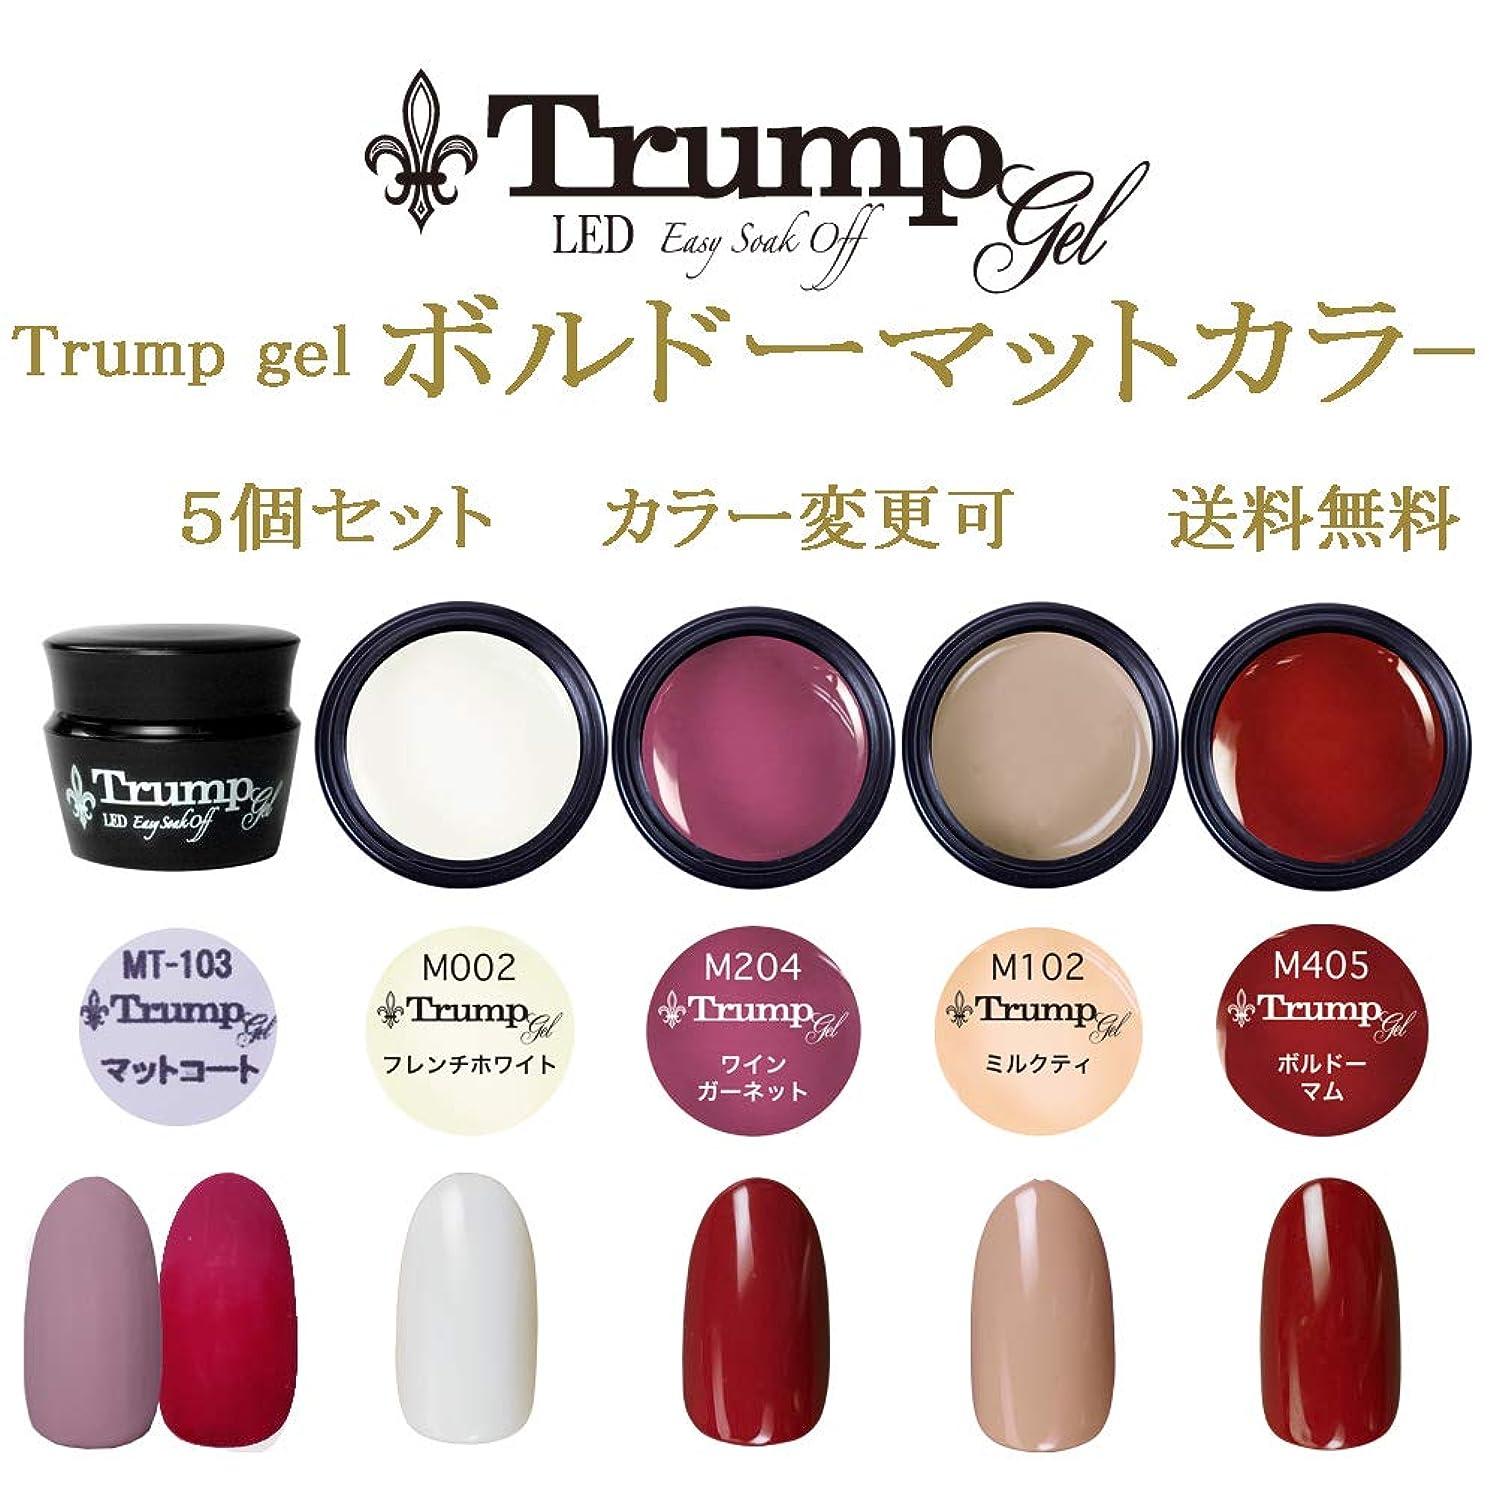 品入浴泣いている日本製 Trump gel トランプジェル ボルドー マット カラー 選べる カラージェル 5個セット マットコート ホワイト ワイン レッド ベージュ